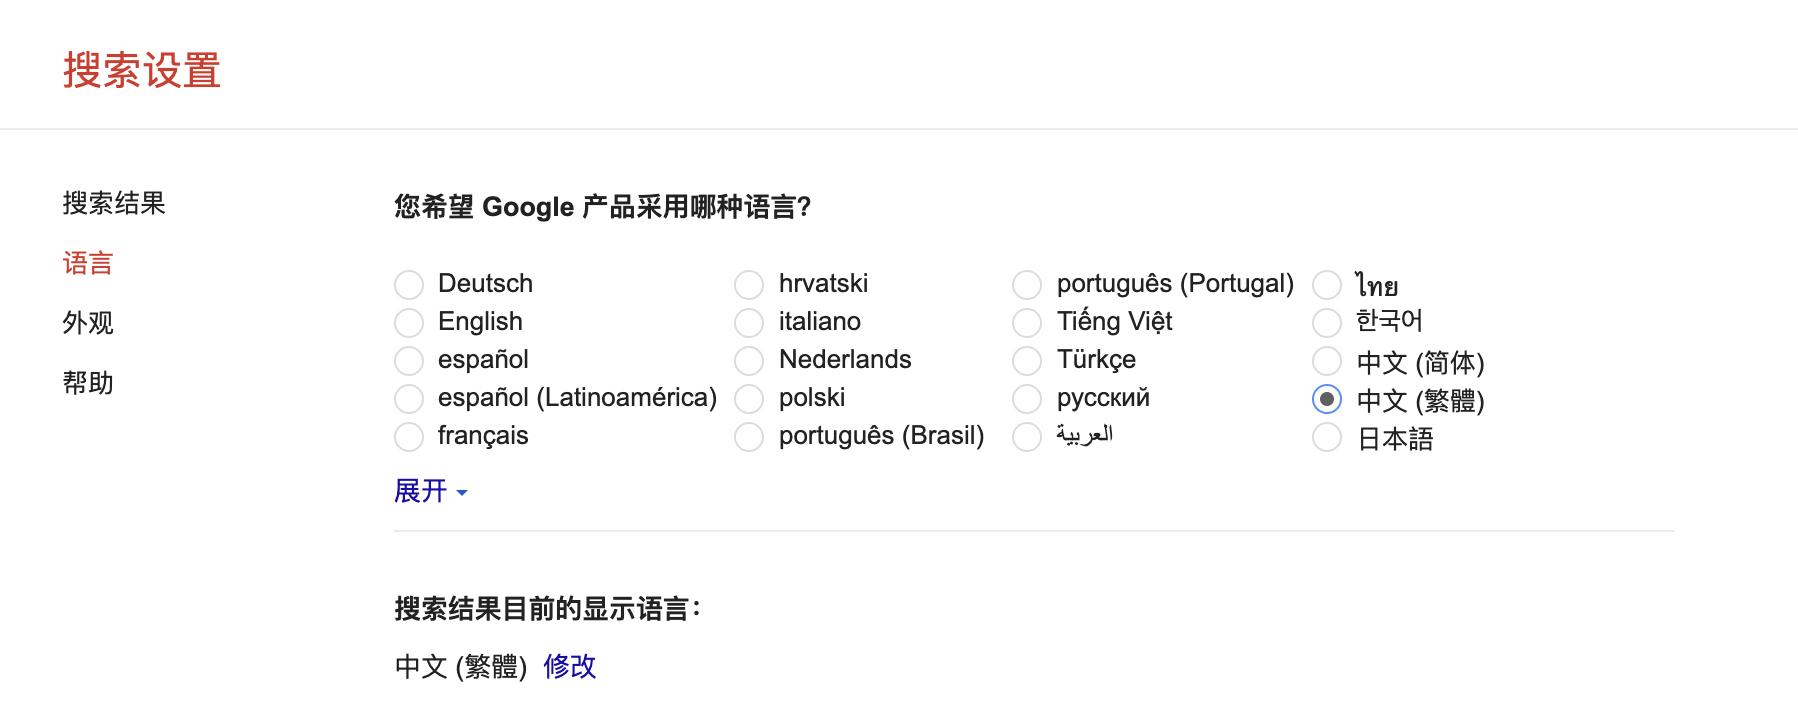 1.谷歌搜索设置-语言偏好-选用中文(简体)外的其他语言.png